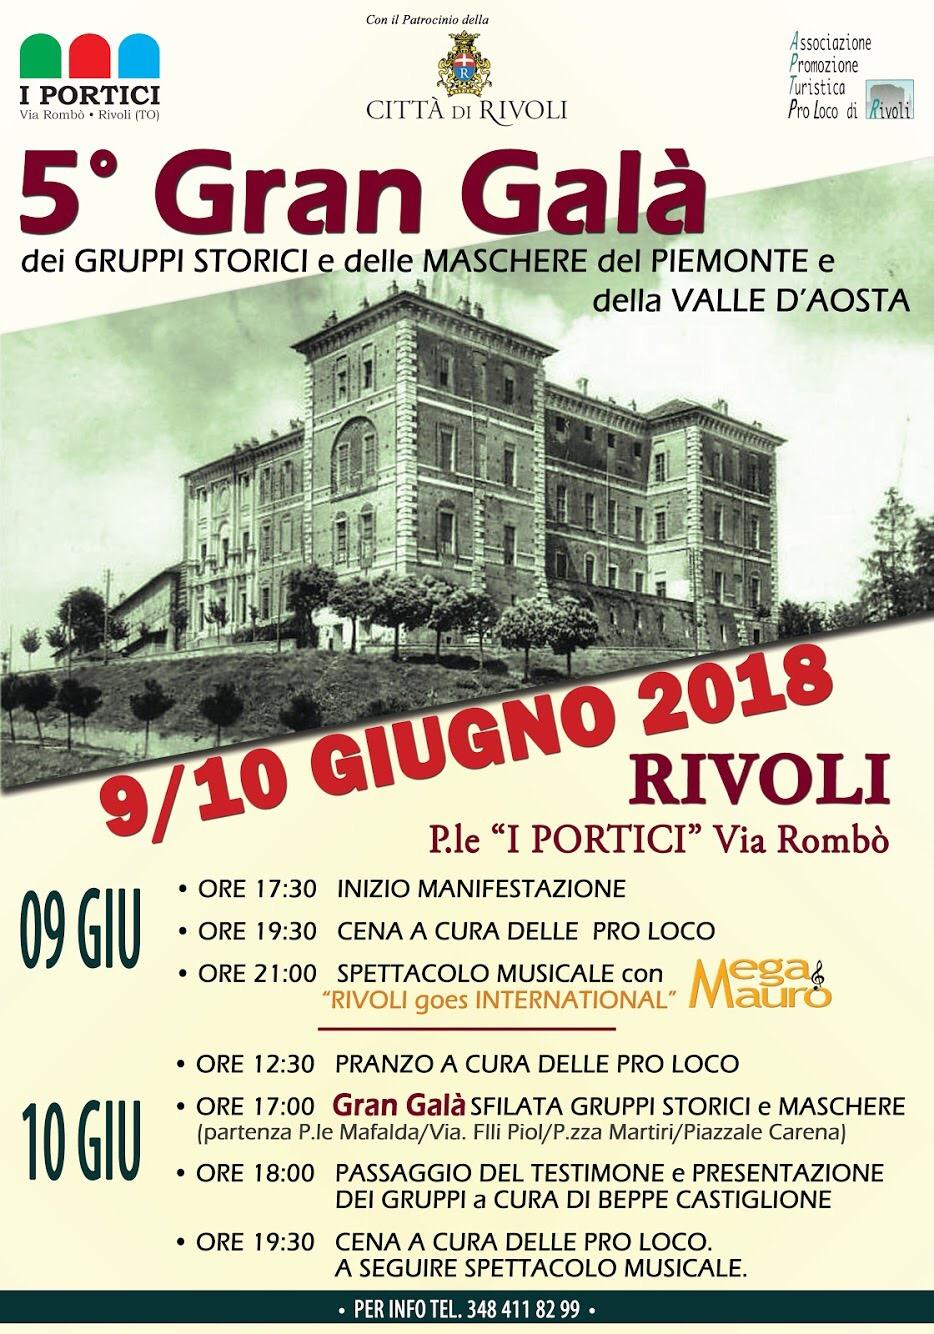 RIVOLI - Italy